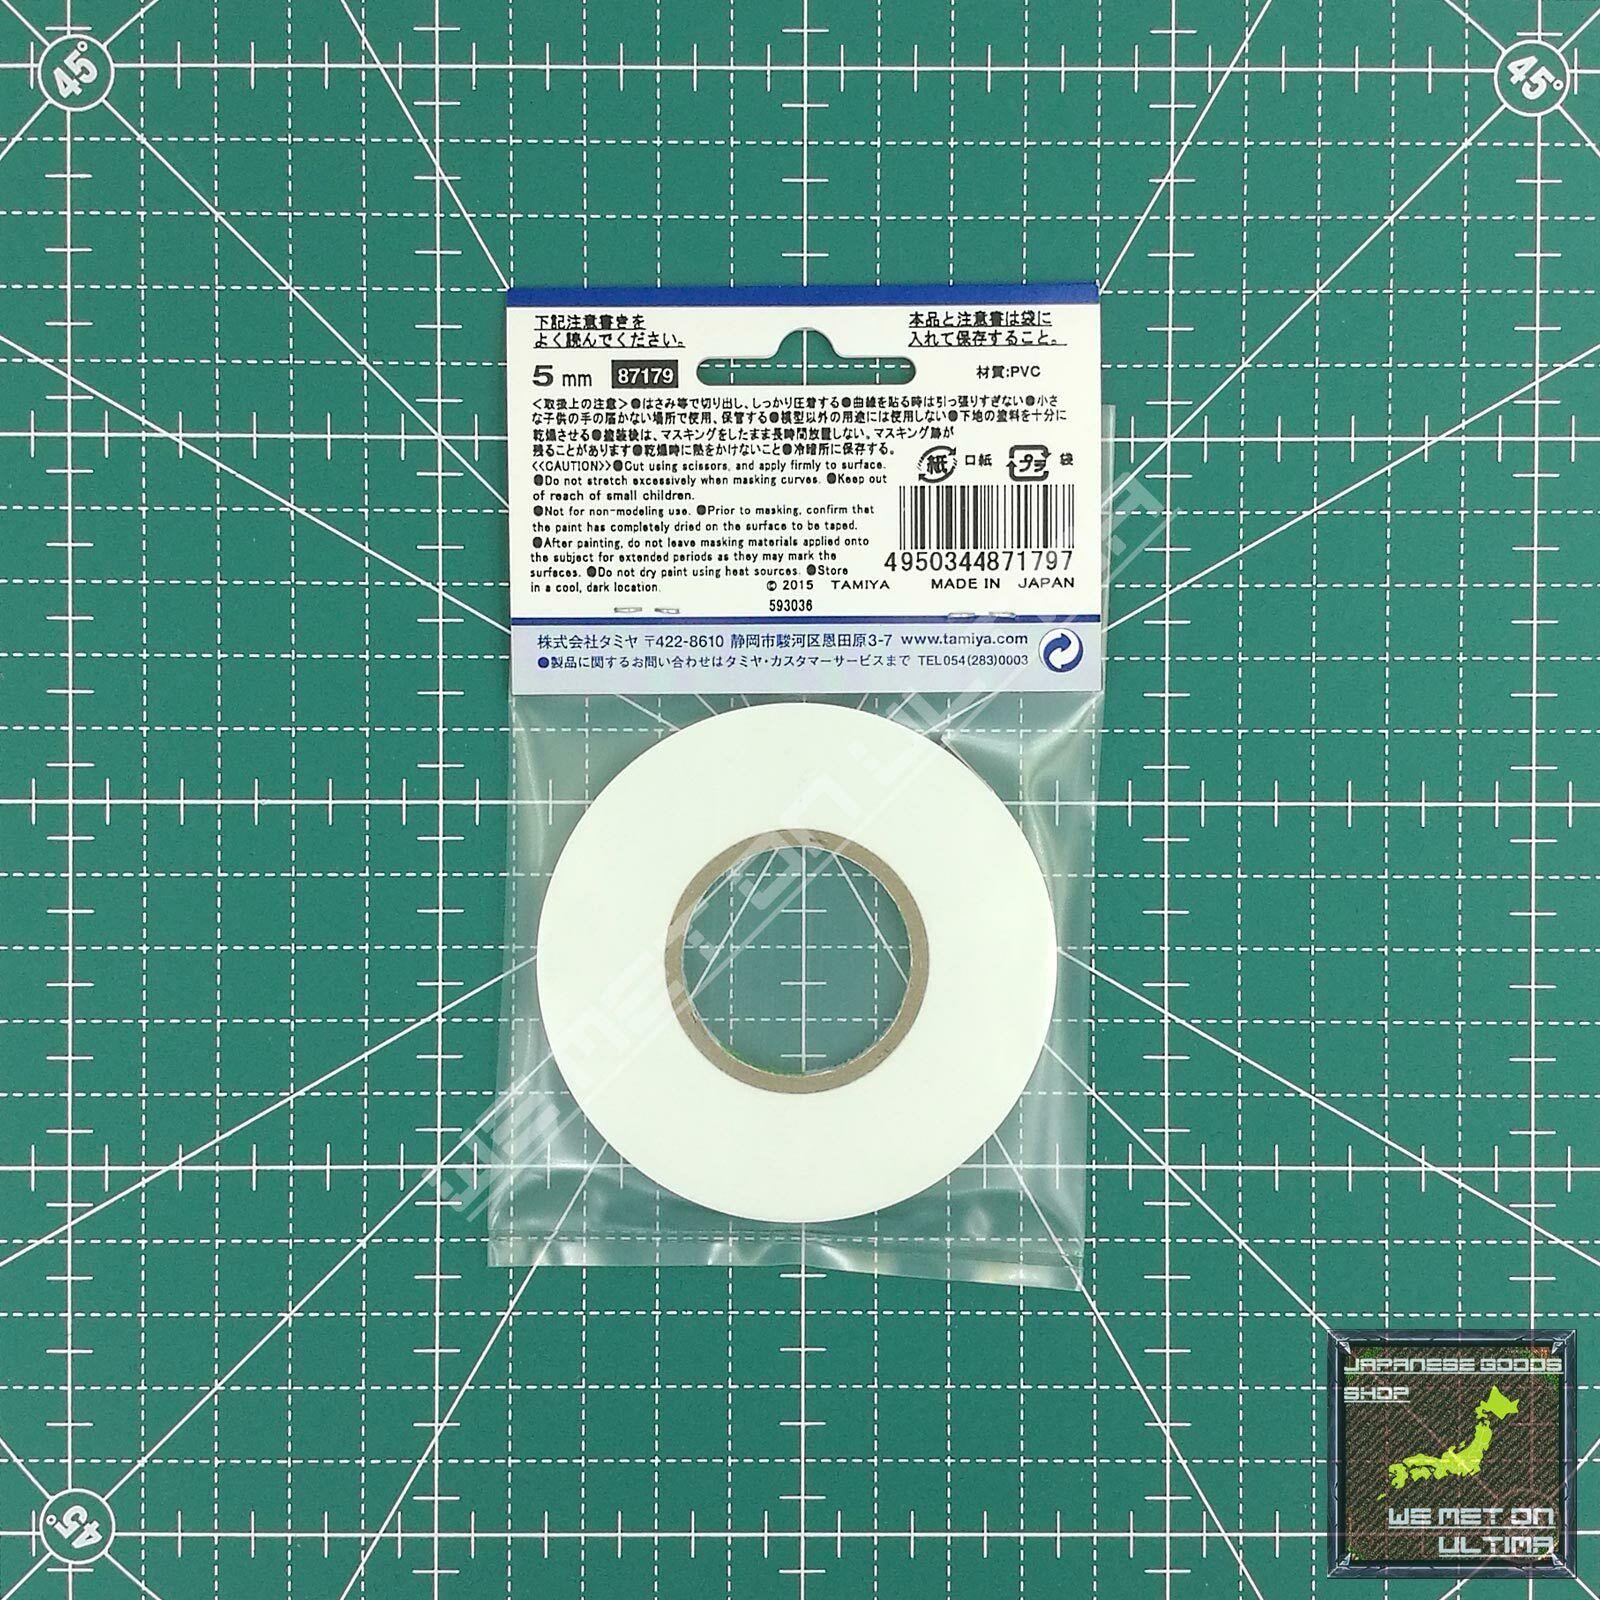 Accessori TAM87208 per modellismo Tamiya Nastro Adesivo per mascheratura 3 mm//18 m